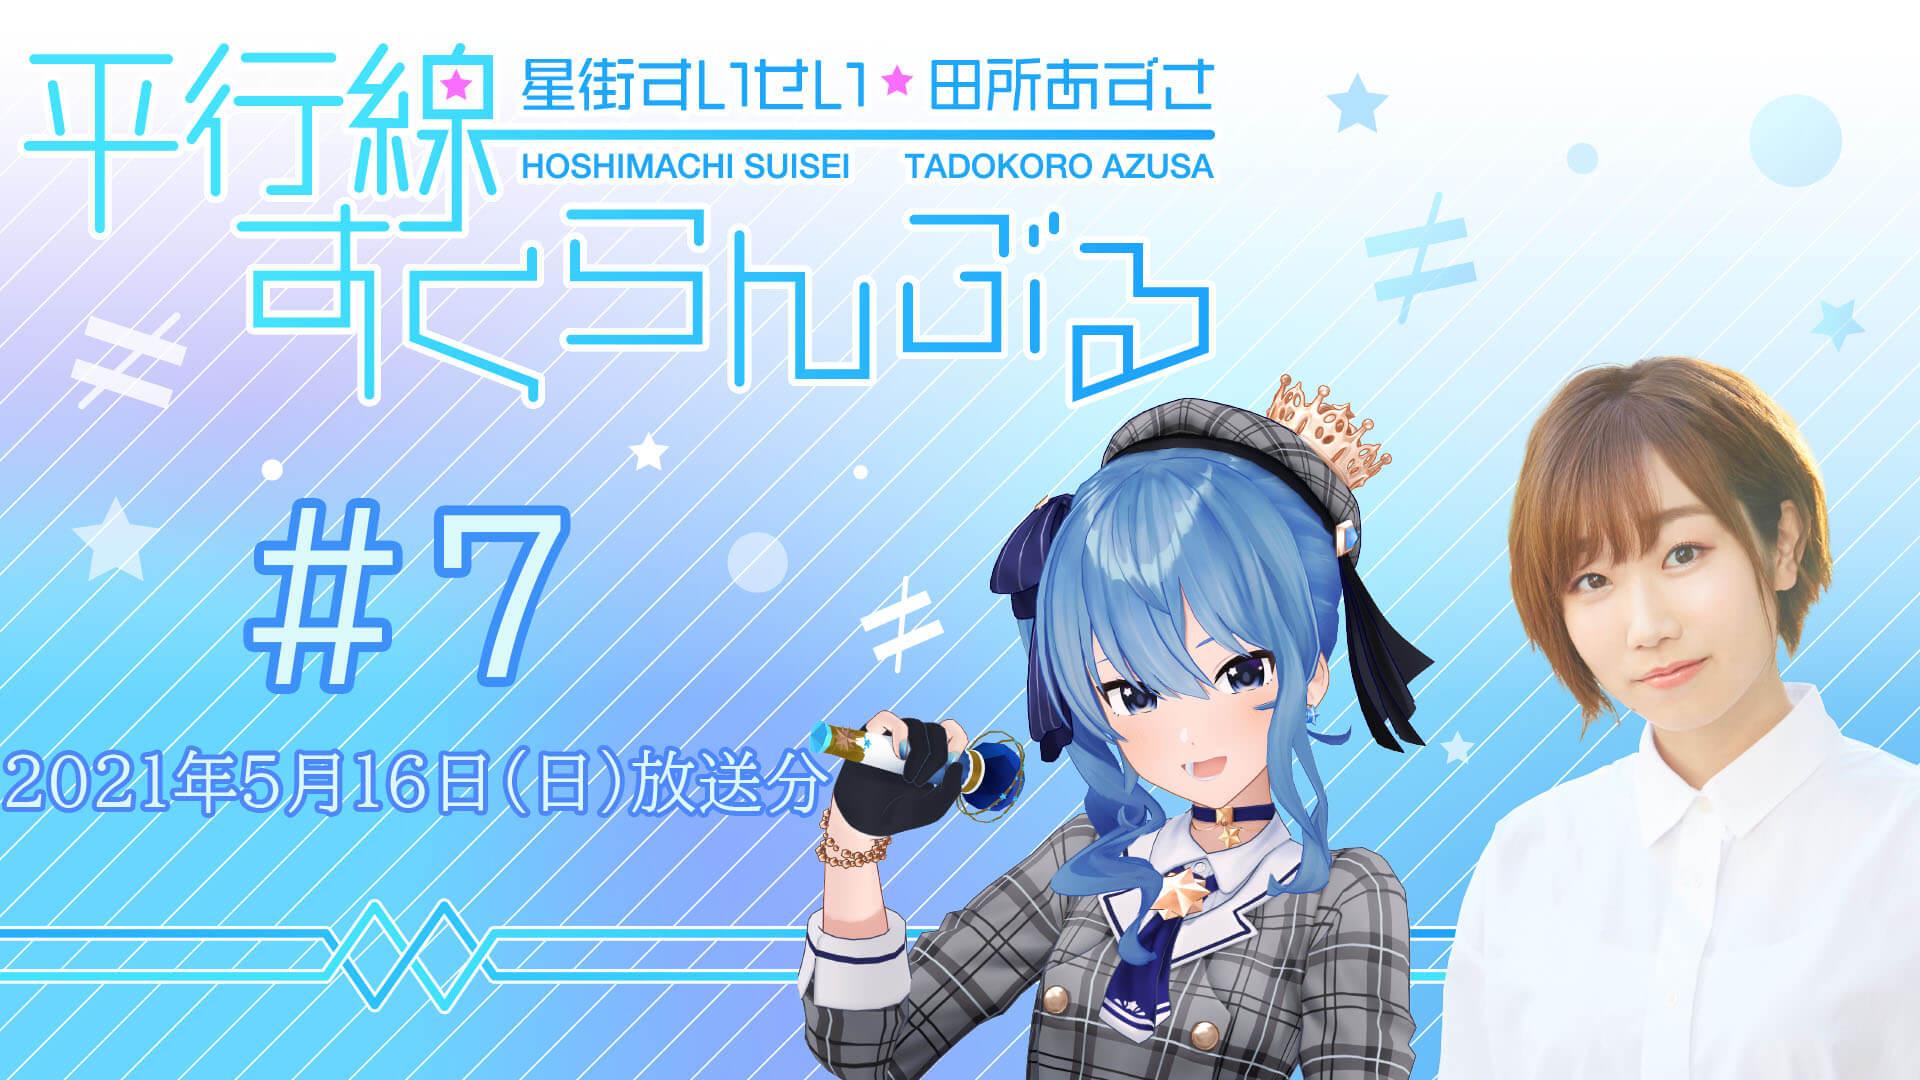 #7『星街すいせい・田所あずさ 平行線すくらんぶる』(2021年5月16日放送分)